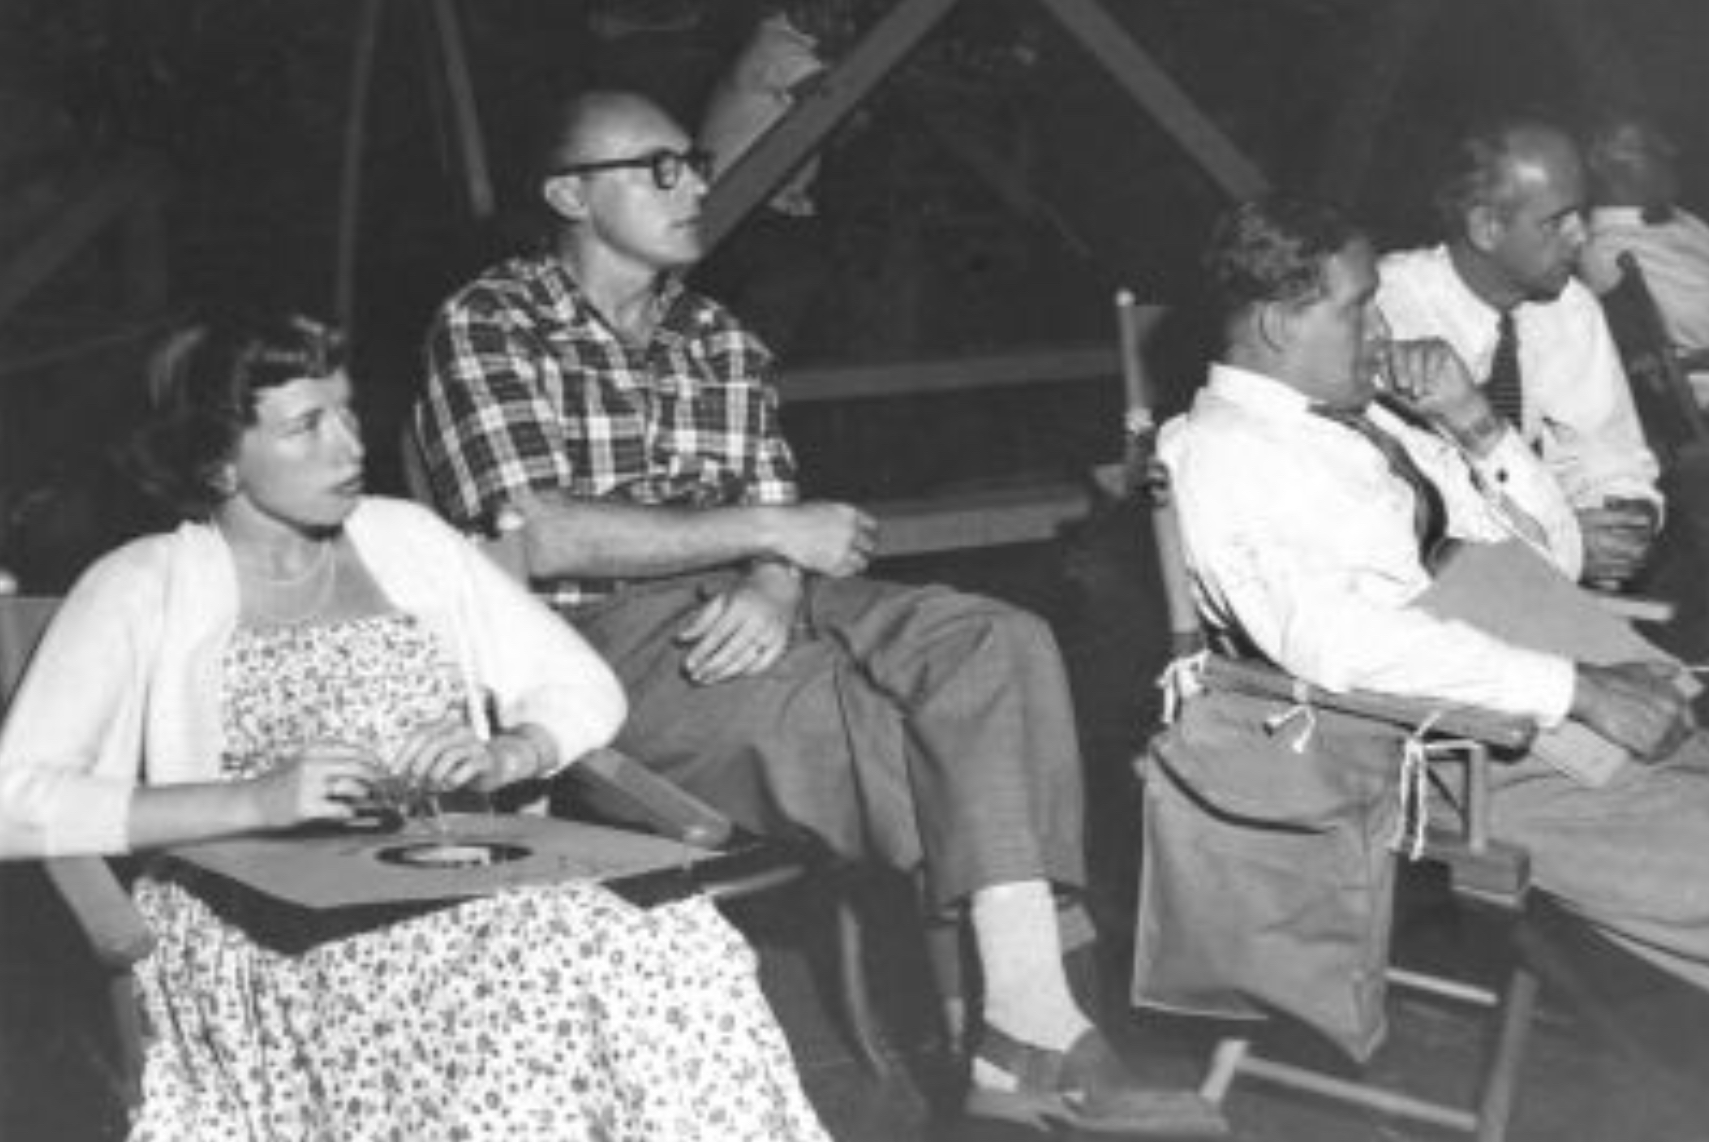 Edle Bakke, William Bosche, and Wernher von Braun in Disneyland (1954)